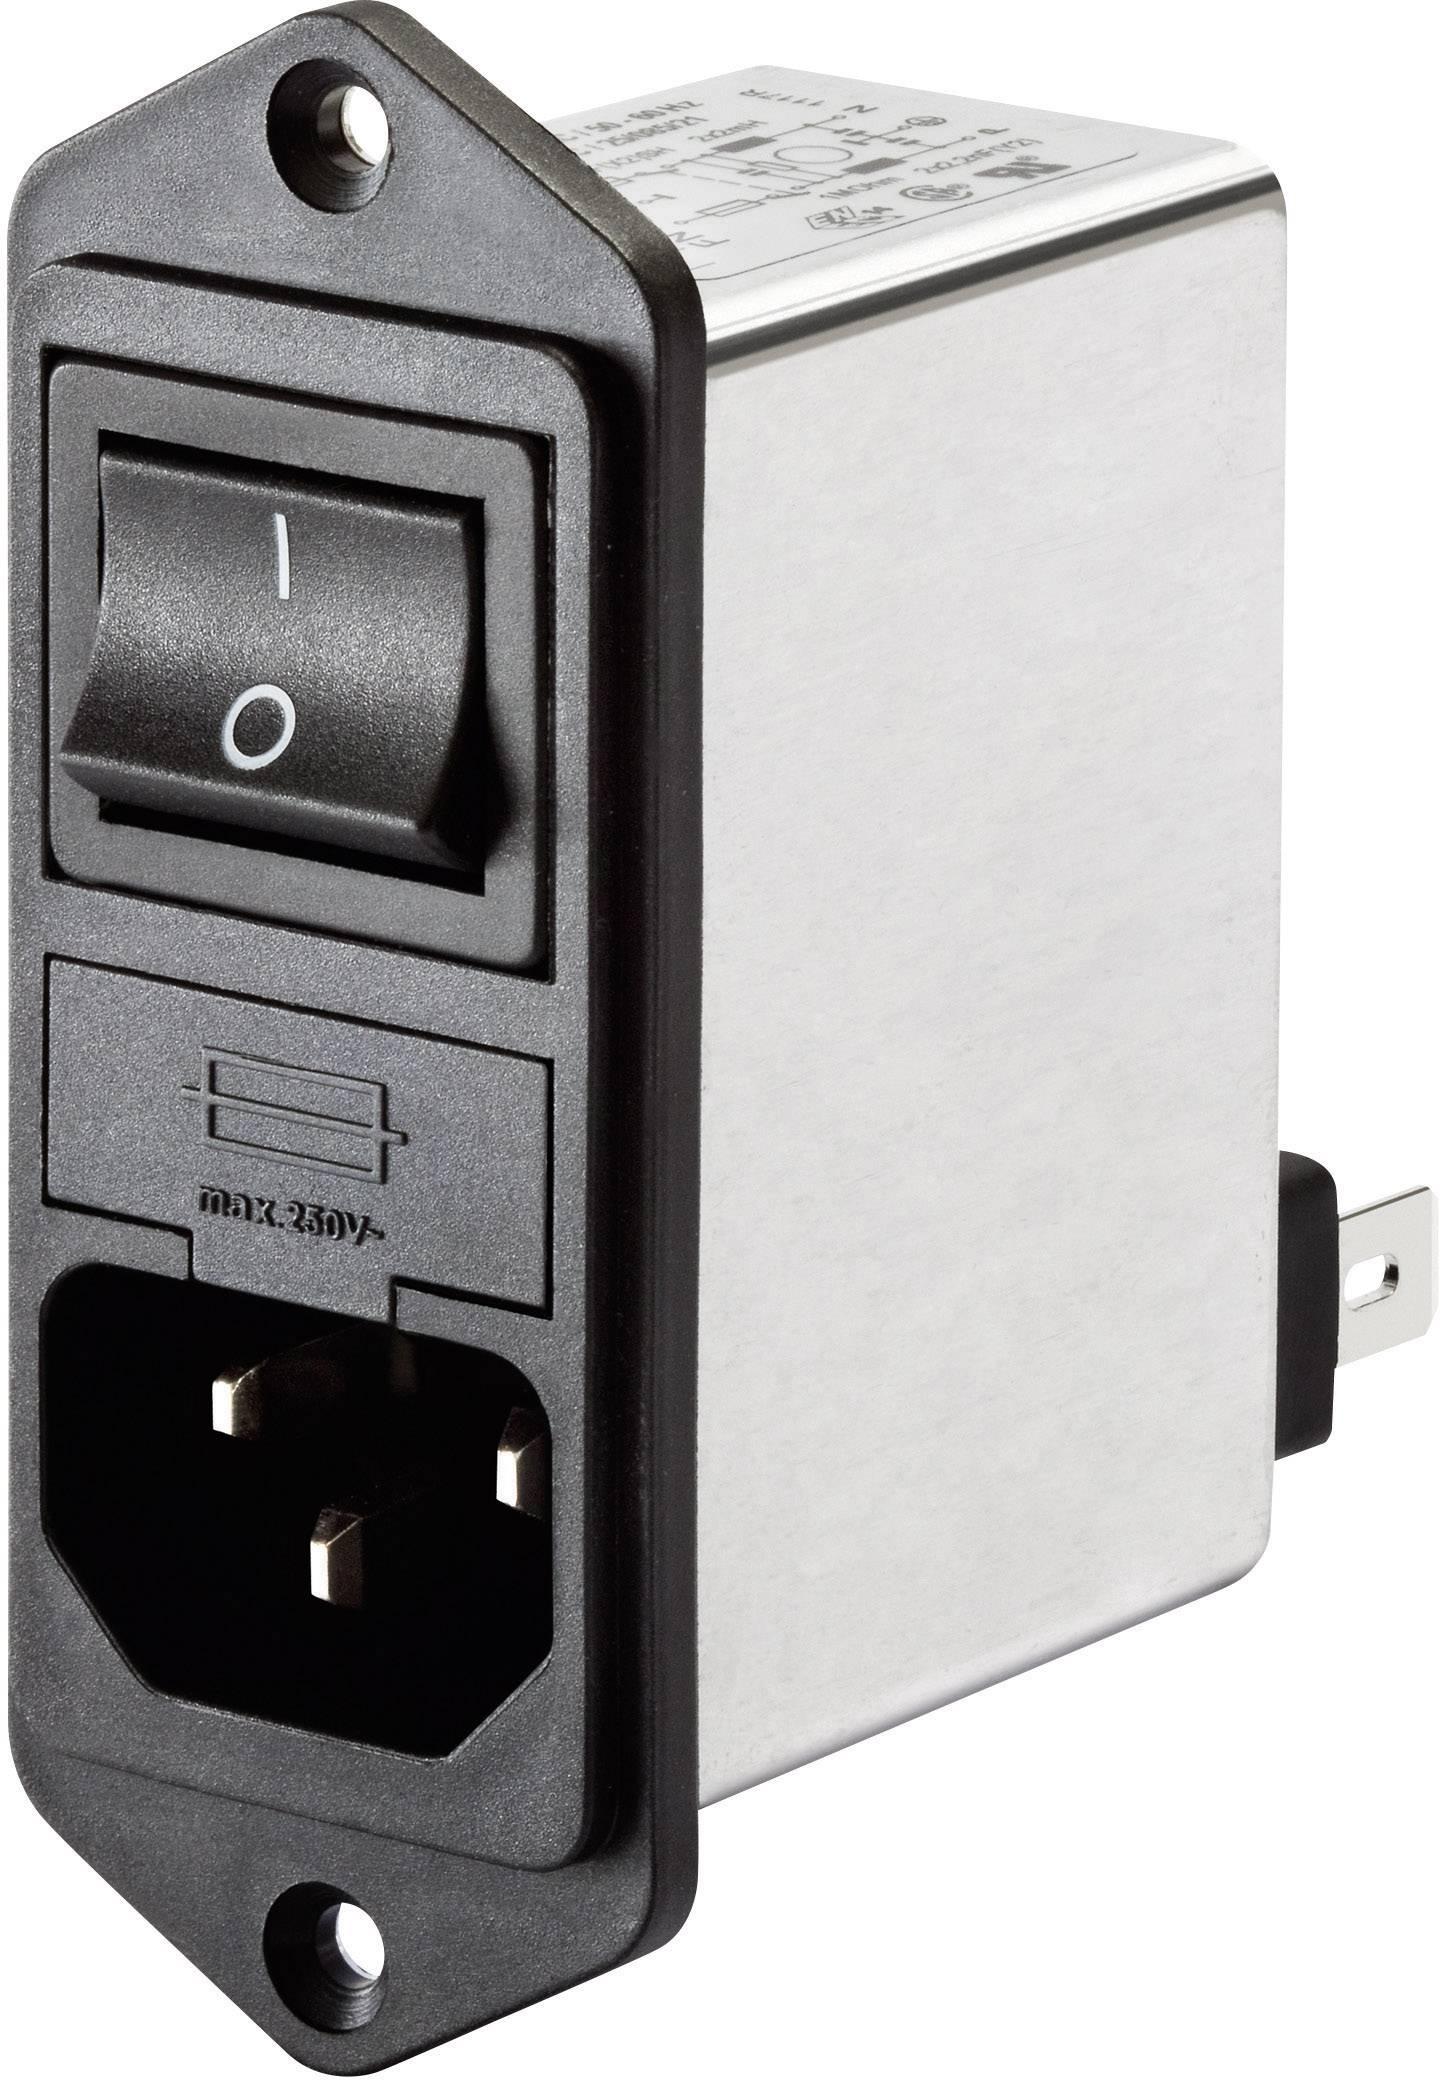 Sieťový filter Schaffner FN 284-1-06 FN 284-1-06, so spínačom, s IEC zásuvkou, 250 V/AC, 1 A, 7.5 mH, 1 ks